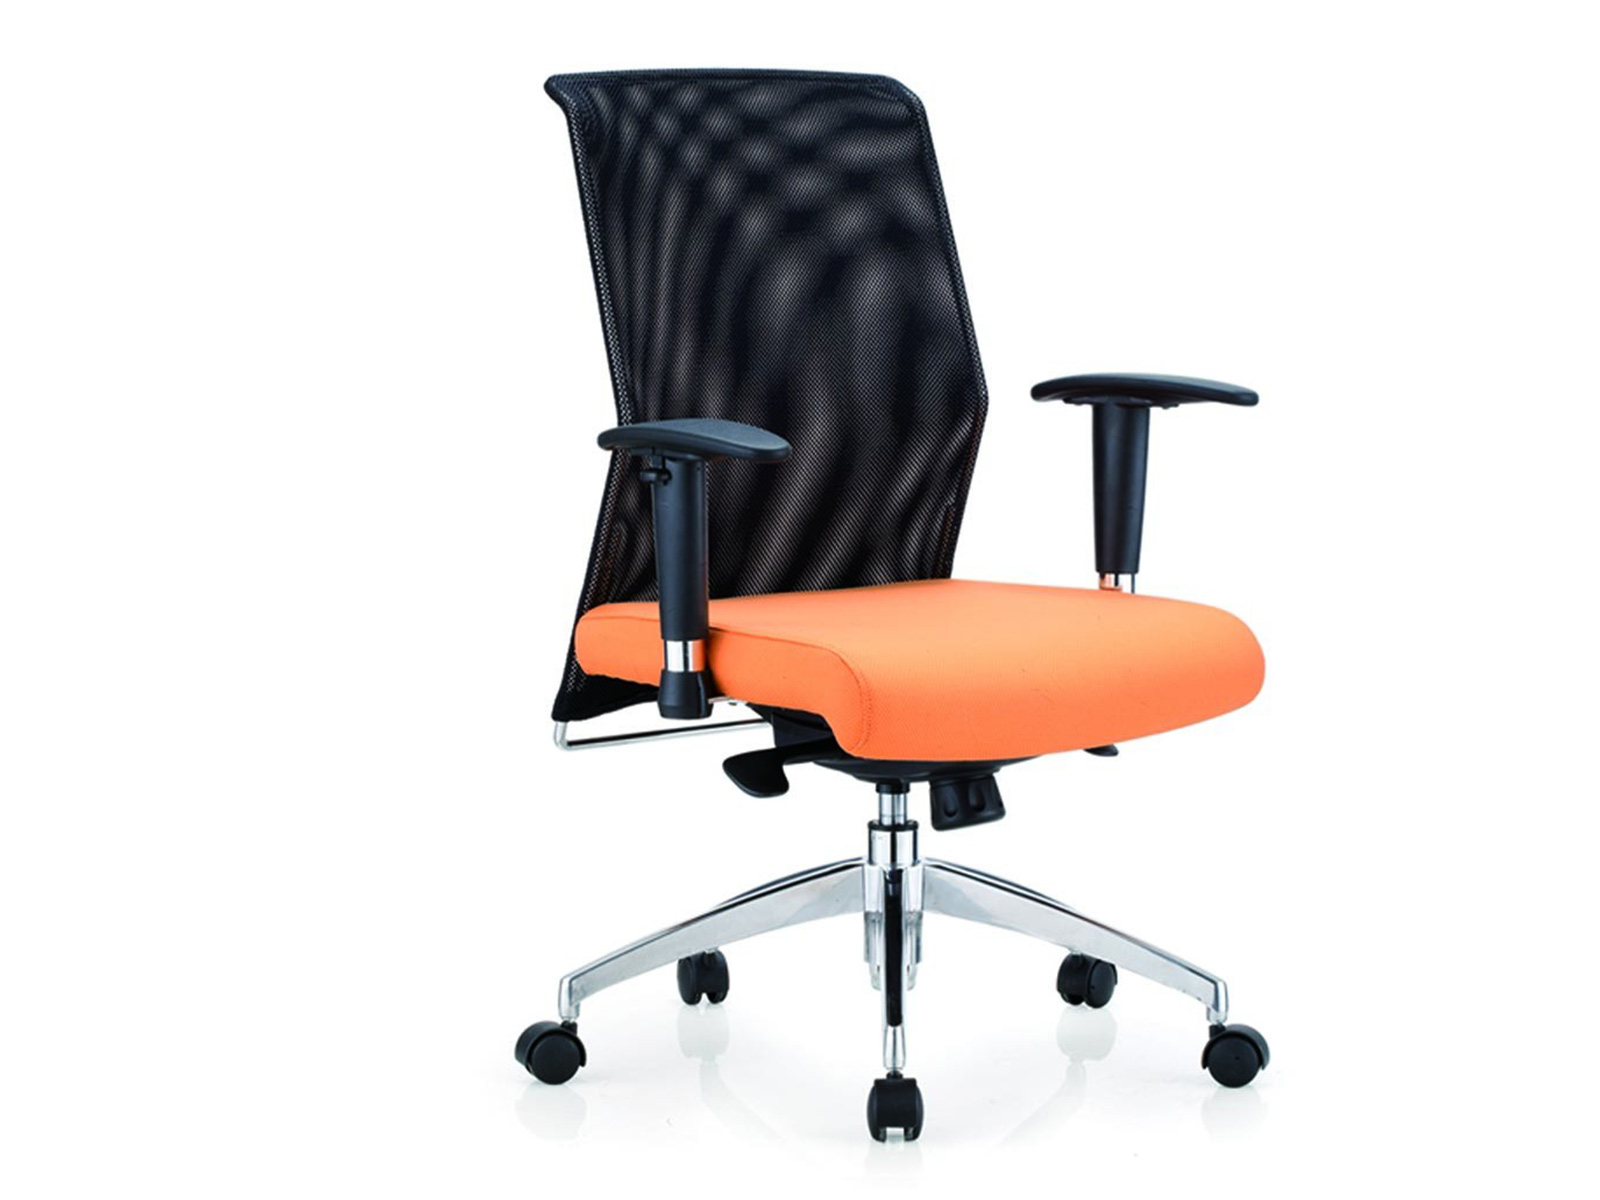 poze cu Scaun de birou ergonomic Novo S69